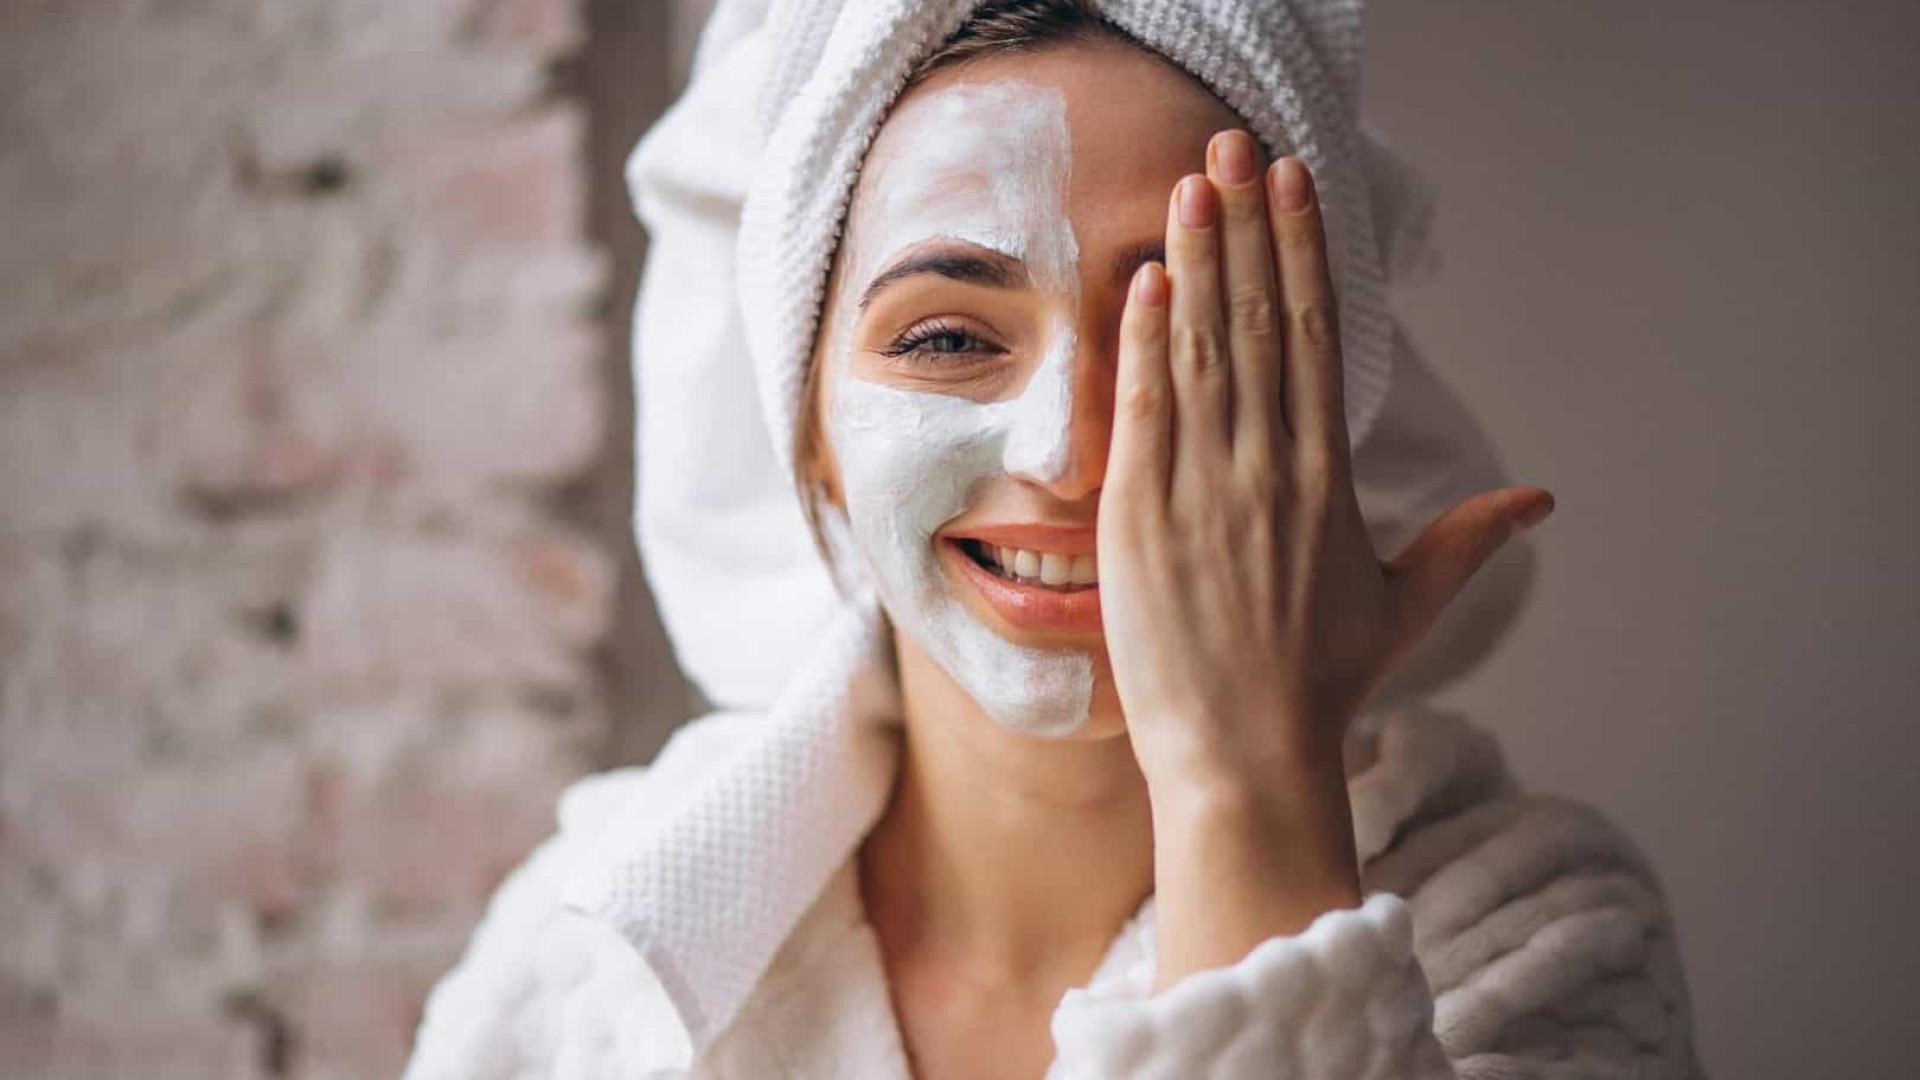 Contra peles ressecadas e lesões, confira dicas para fazer seu spa